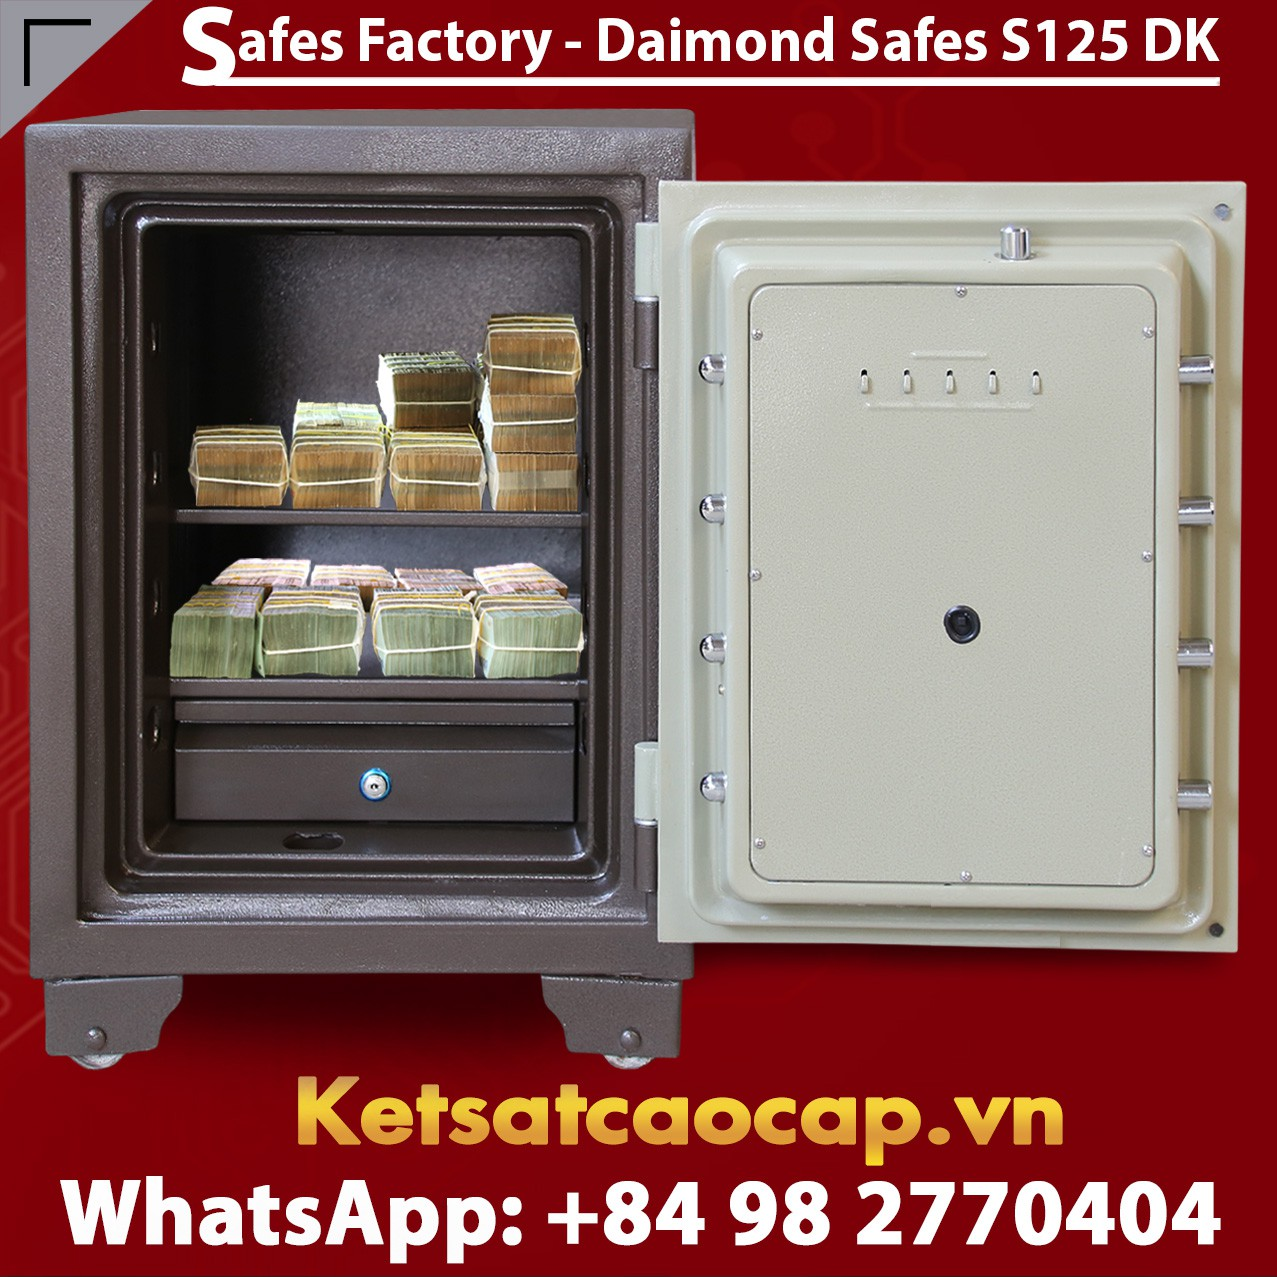 OFFICE SAFES KS125 DK